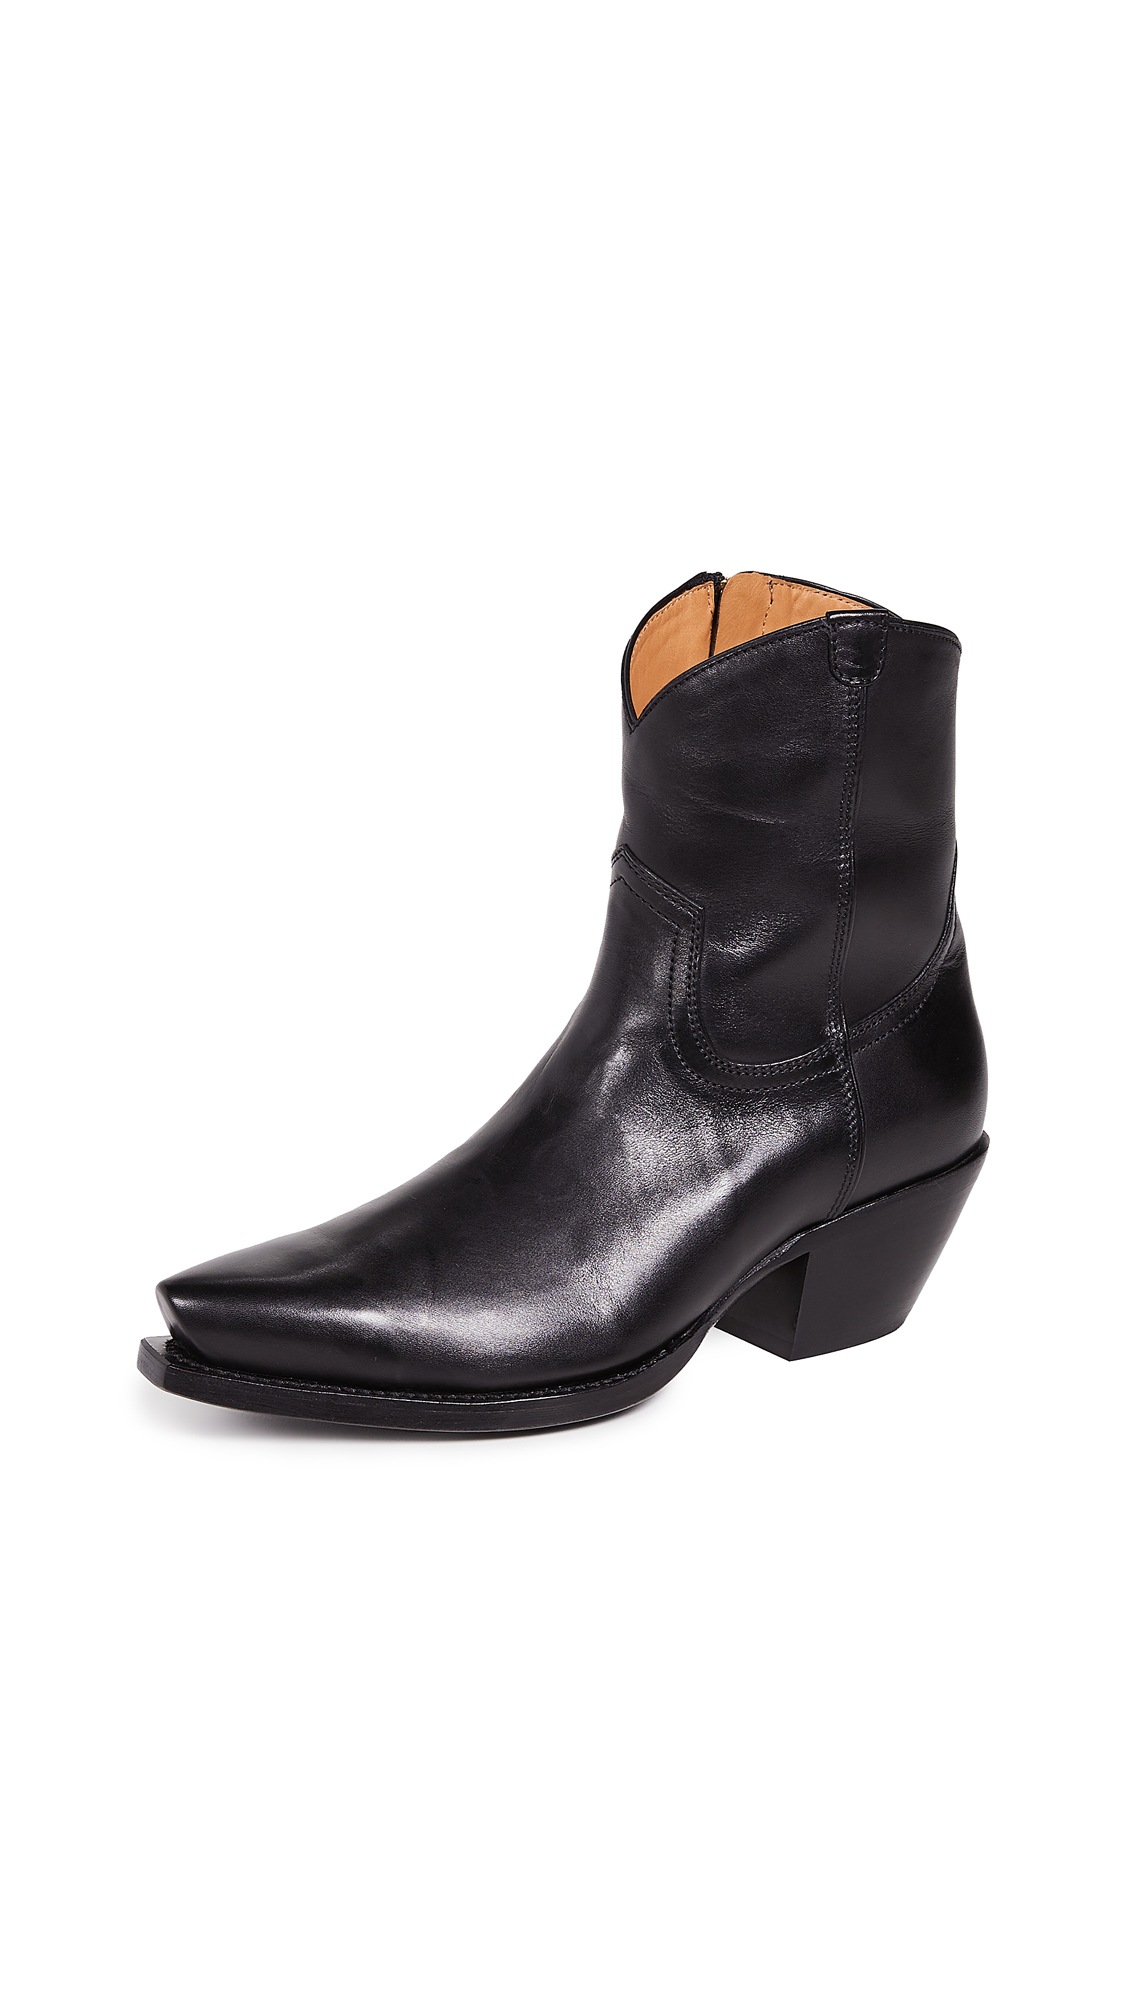 R13 Cowboy Ankle Boots - Black/Black